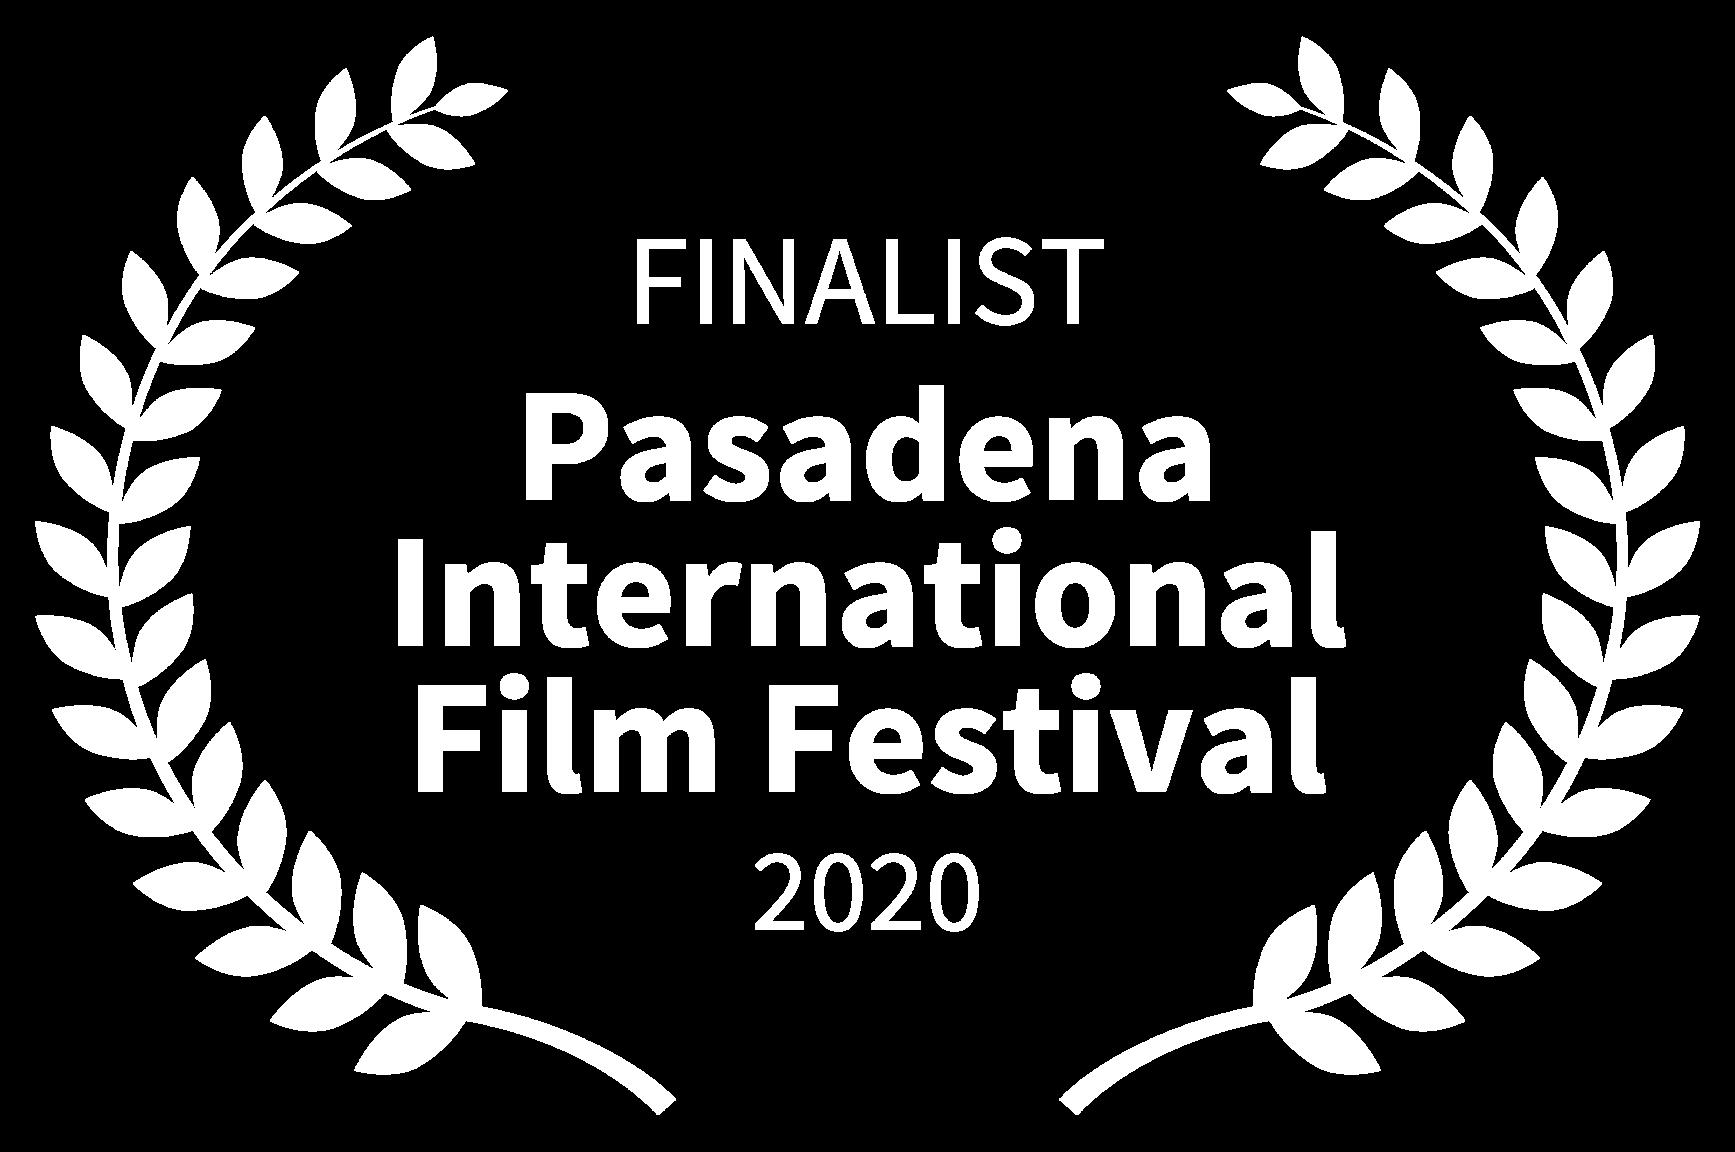 FINALIST - Pasadena International Film Festival - 2020